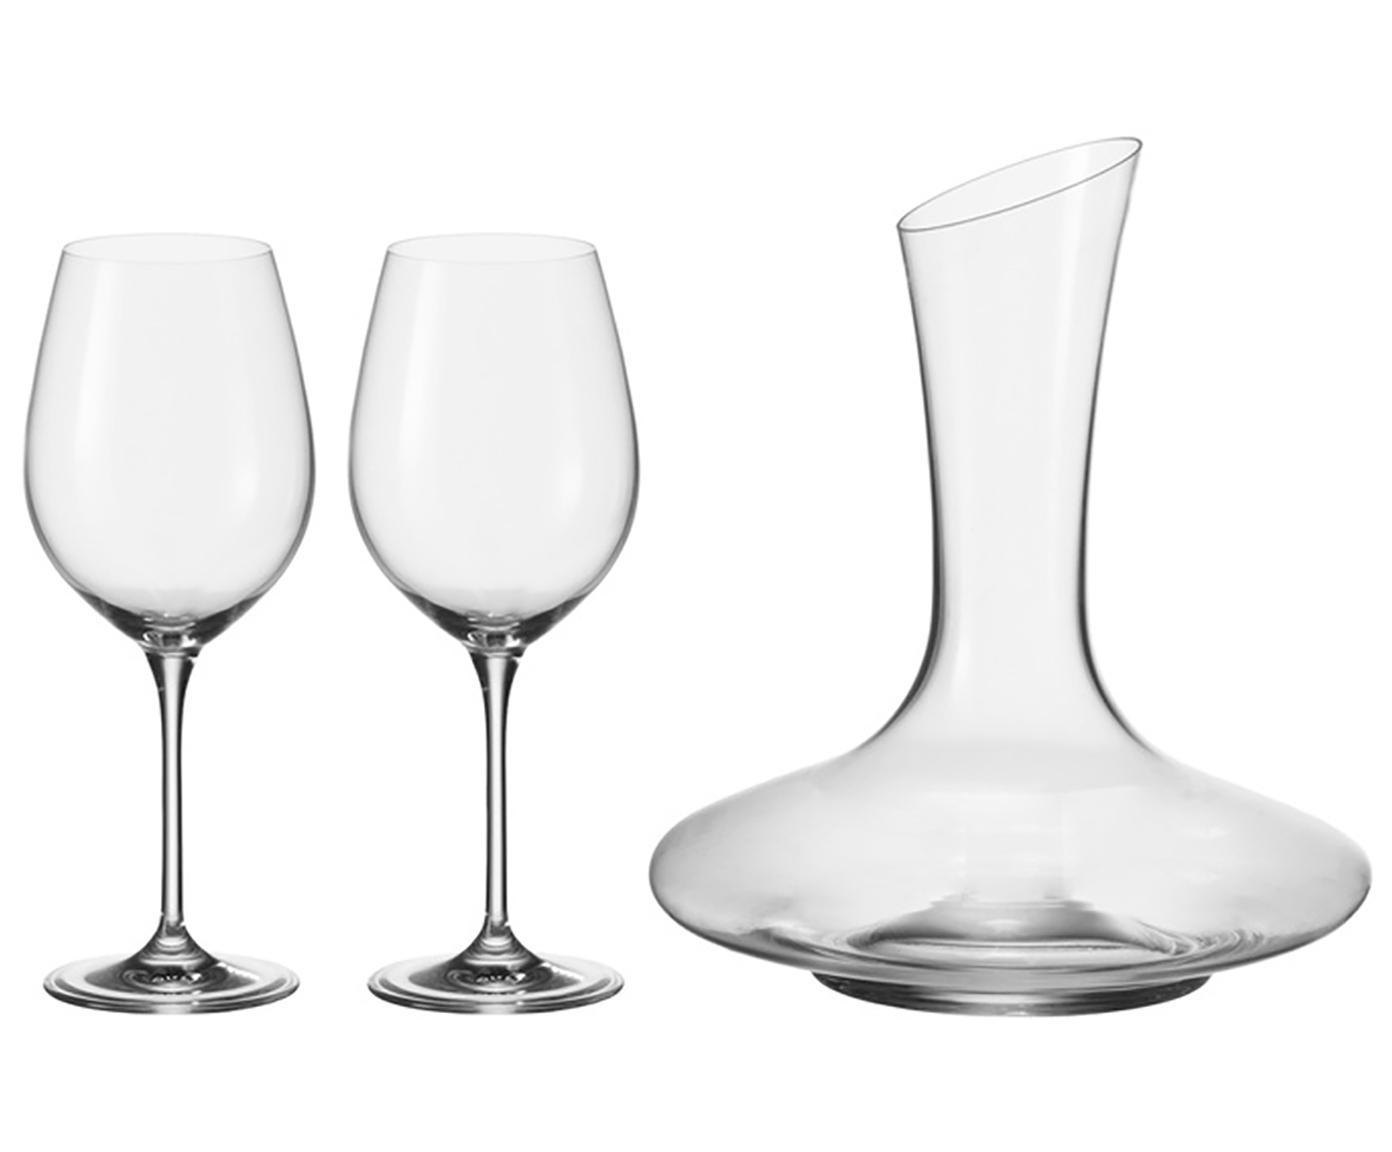 Klassisches Rotwein-Set Barcelona, 3-tlg., Glas, Transparent, Verschiedene Grössen